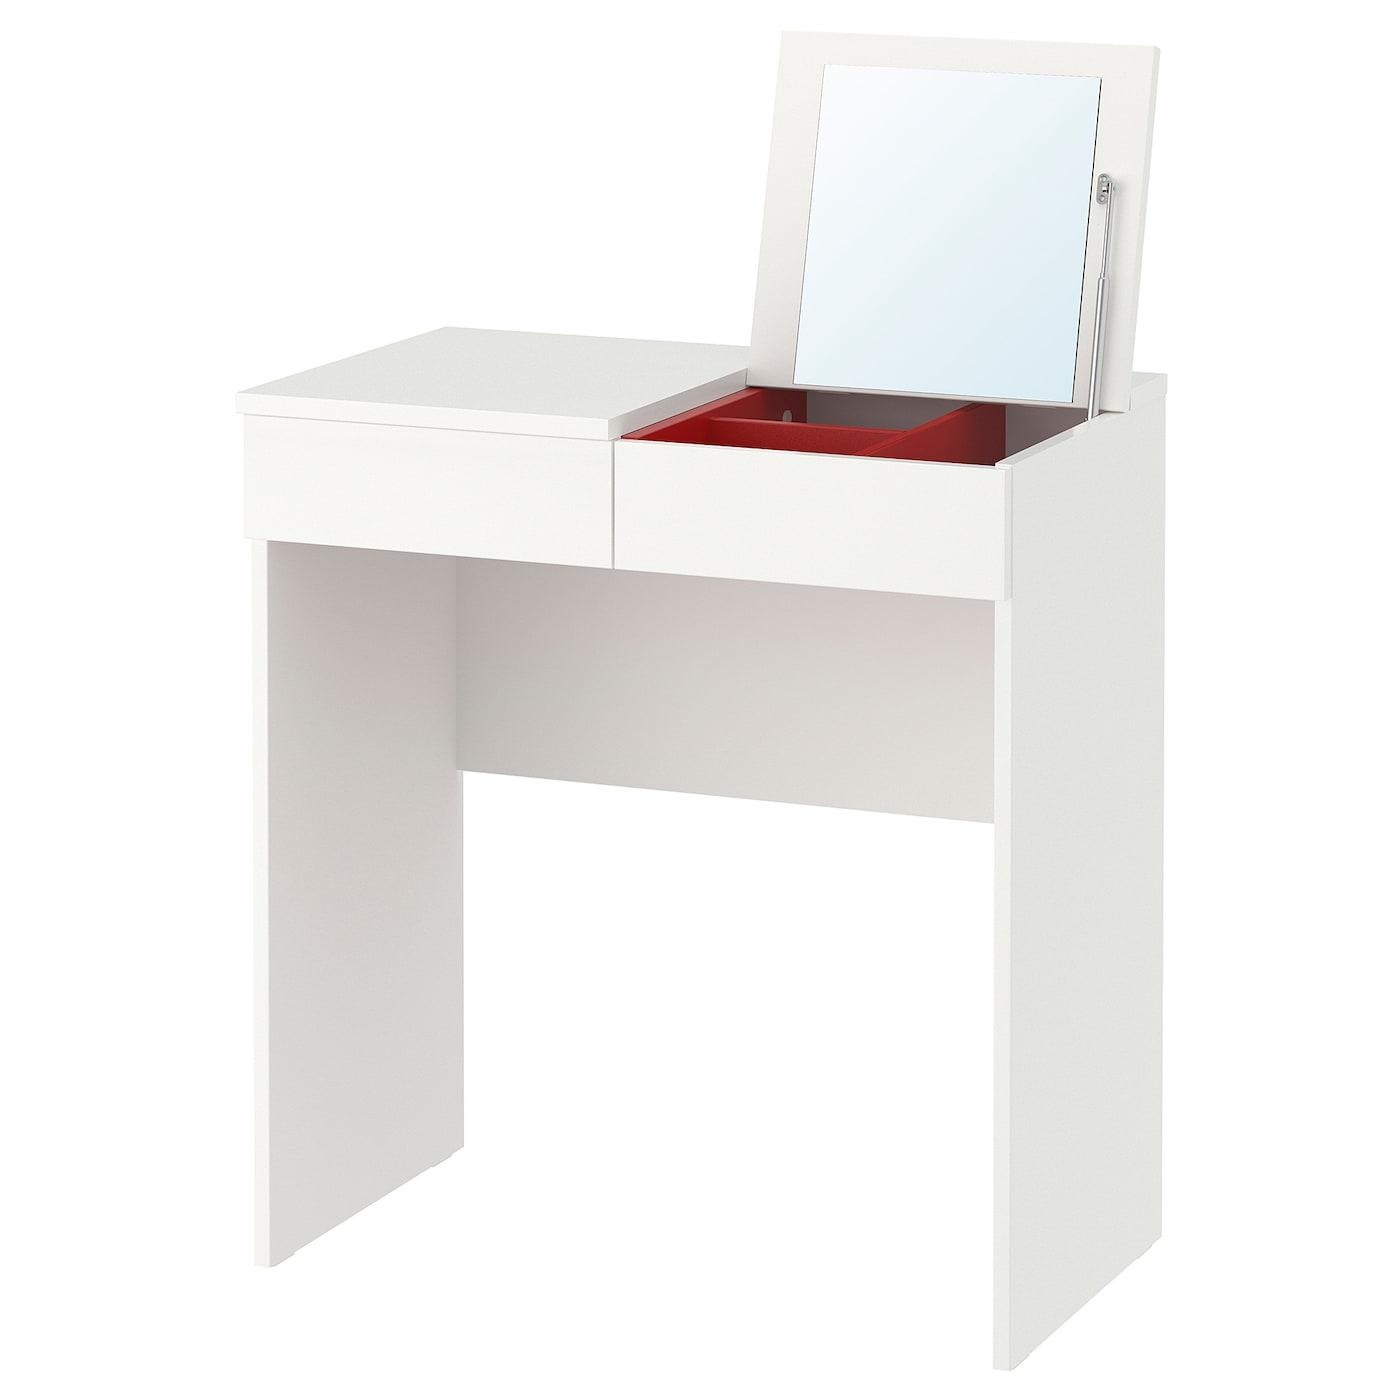 Brimnes Coiffeuse Blanc 70x42 Cm Ikea